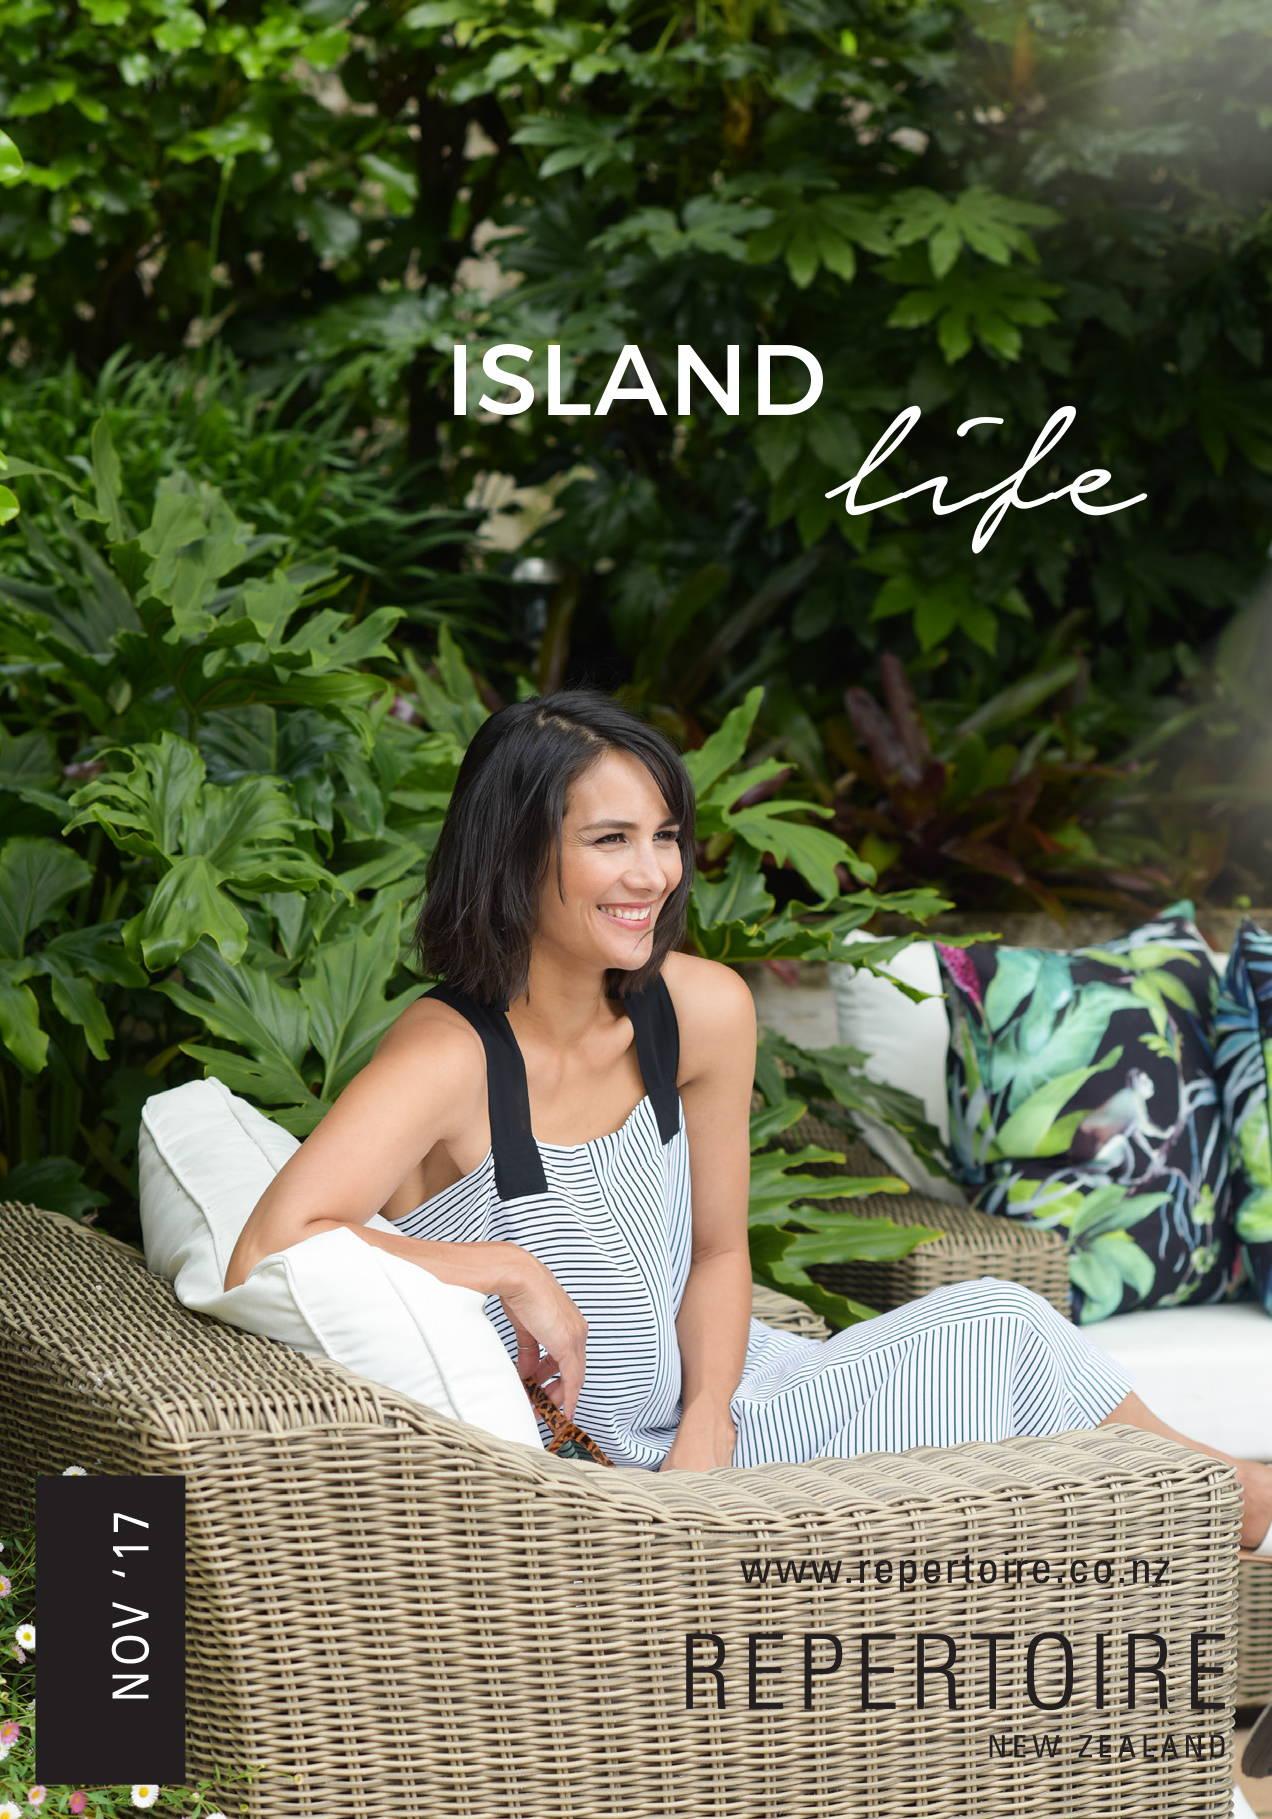 Island Life Lookbook